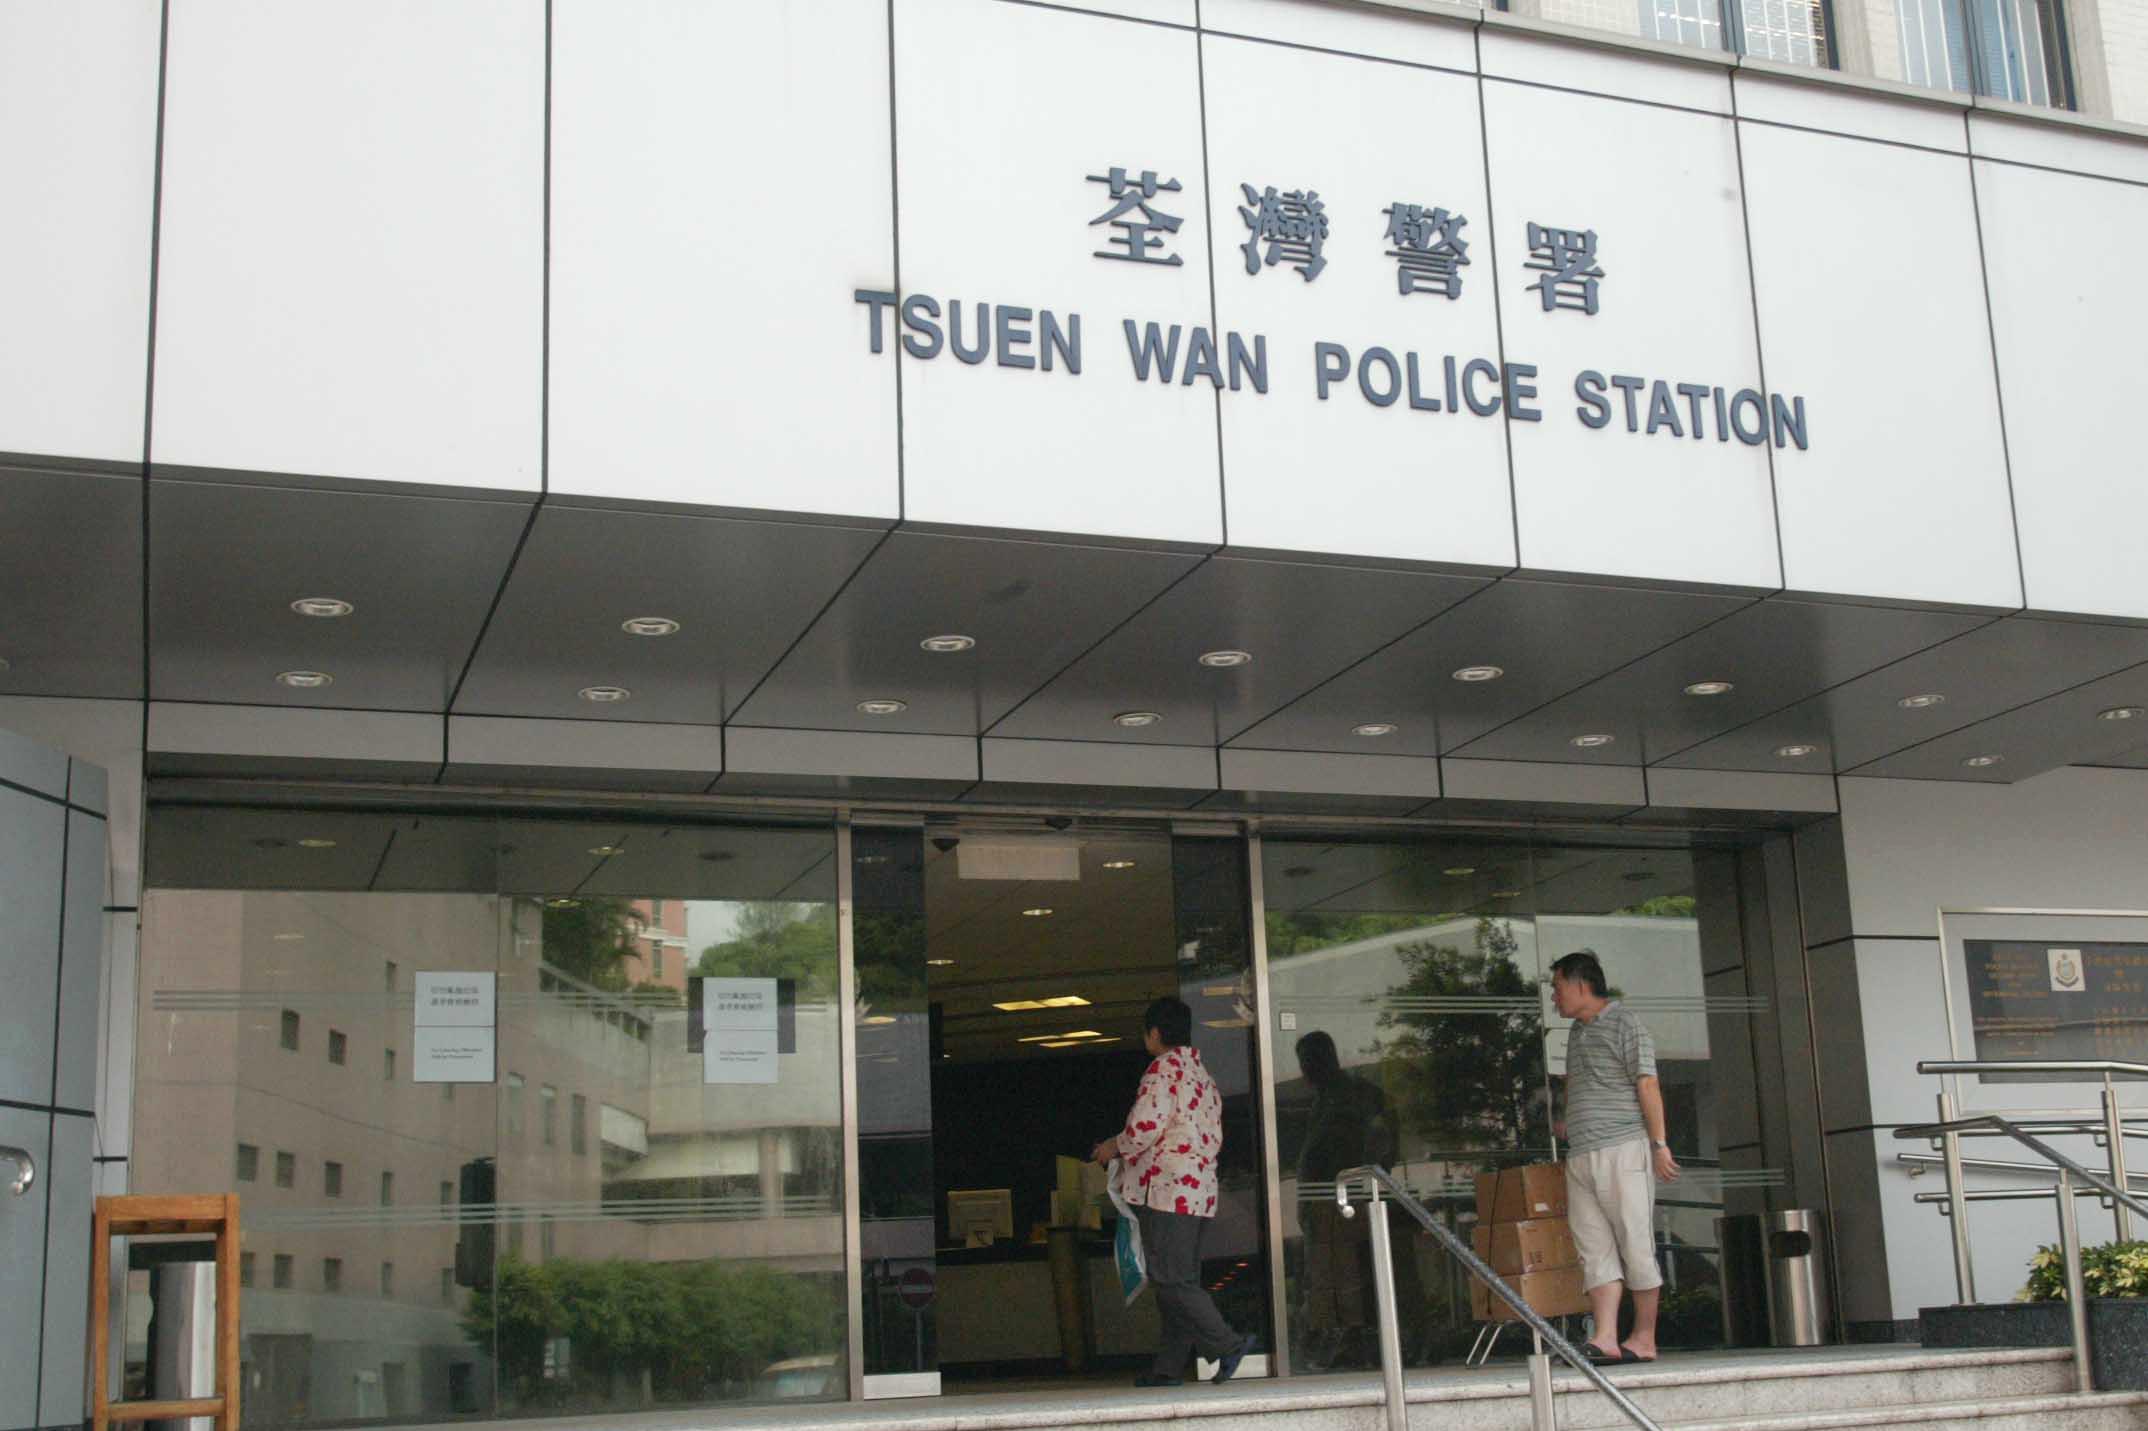 怀曲尺假枪准备劫便利店 两男荃湾行迹可疑露马脚被捕